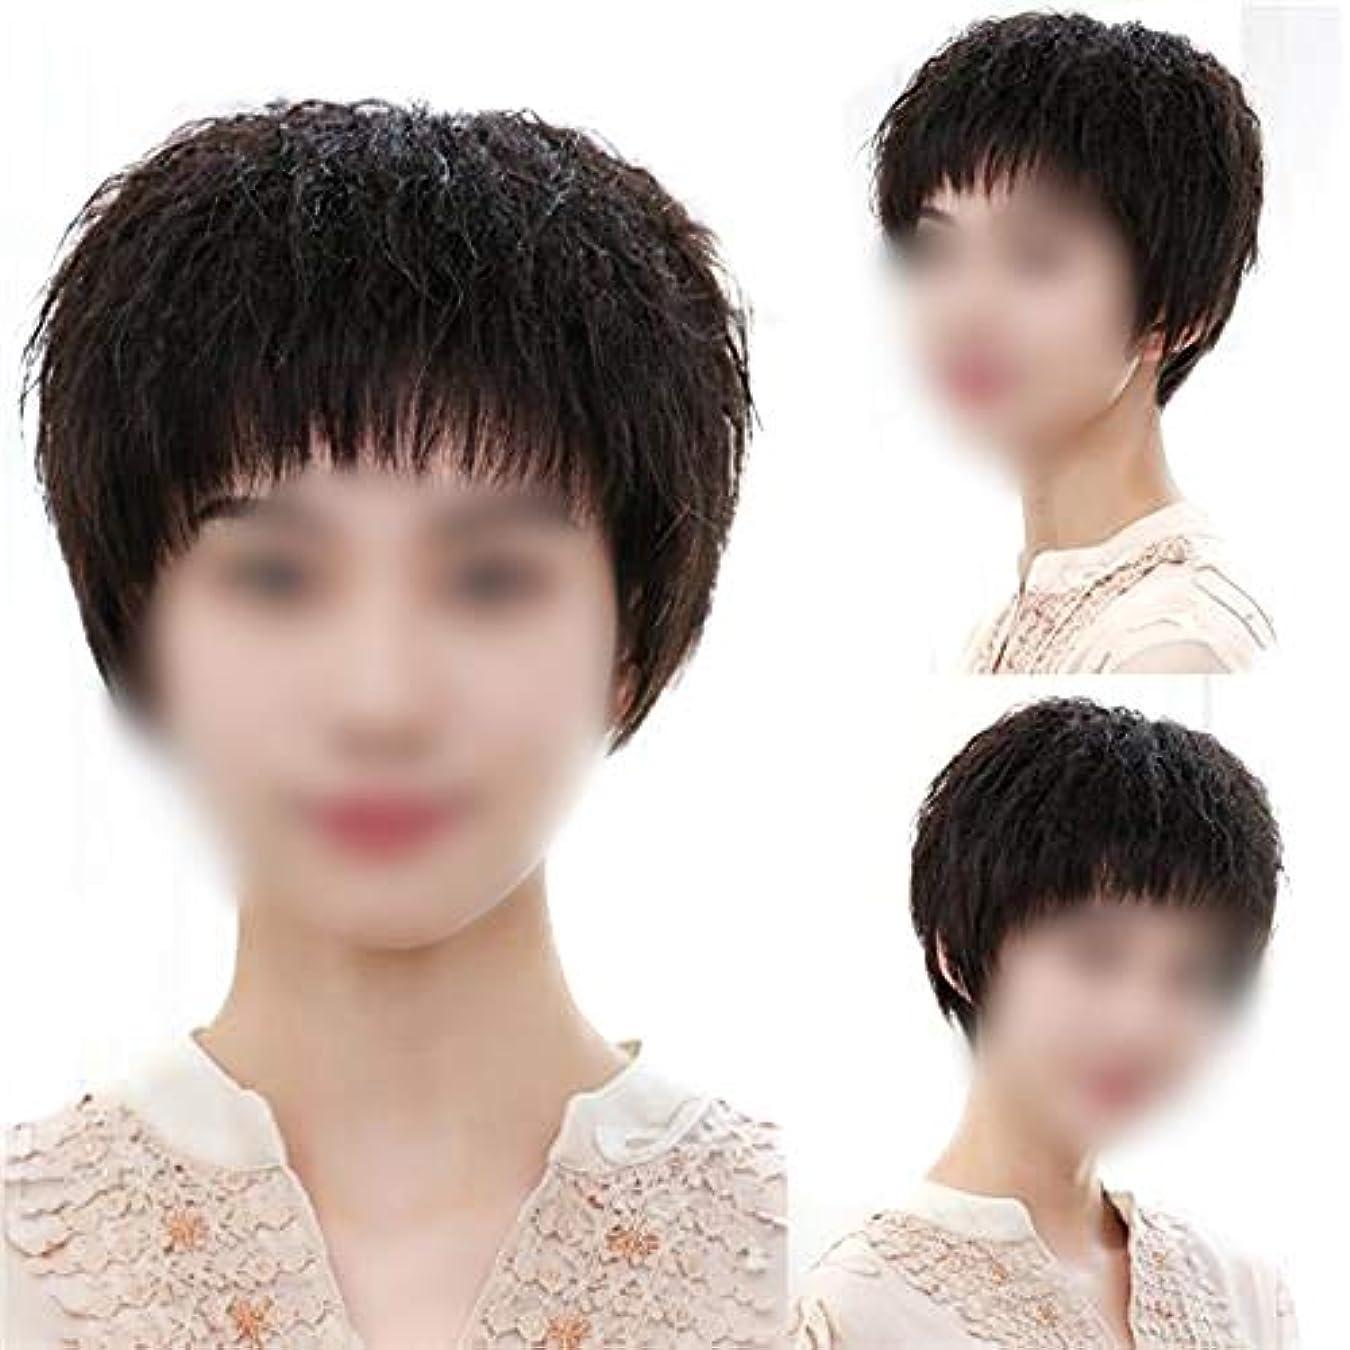 根拠アーサー蒸発YOUQIU フル手織り実髪コーンホットショートカーリーヘアウィッグ女性のために現実的なナチュラルウィッグ (色 : Natural black)